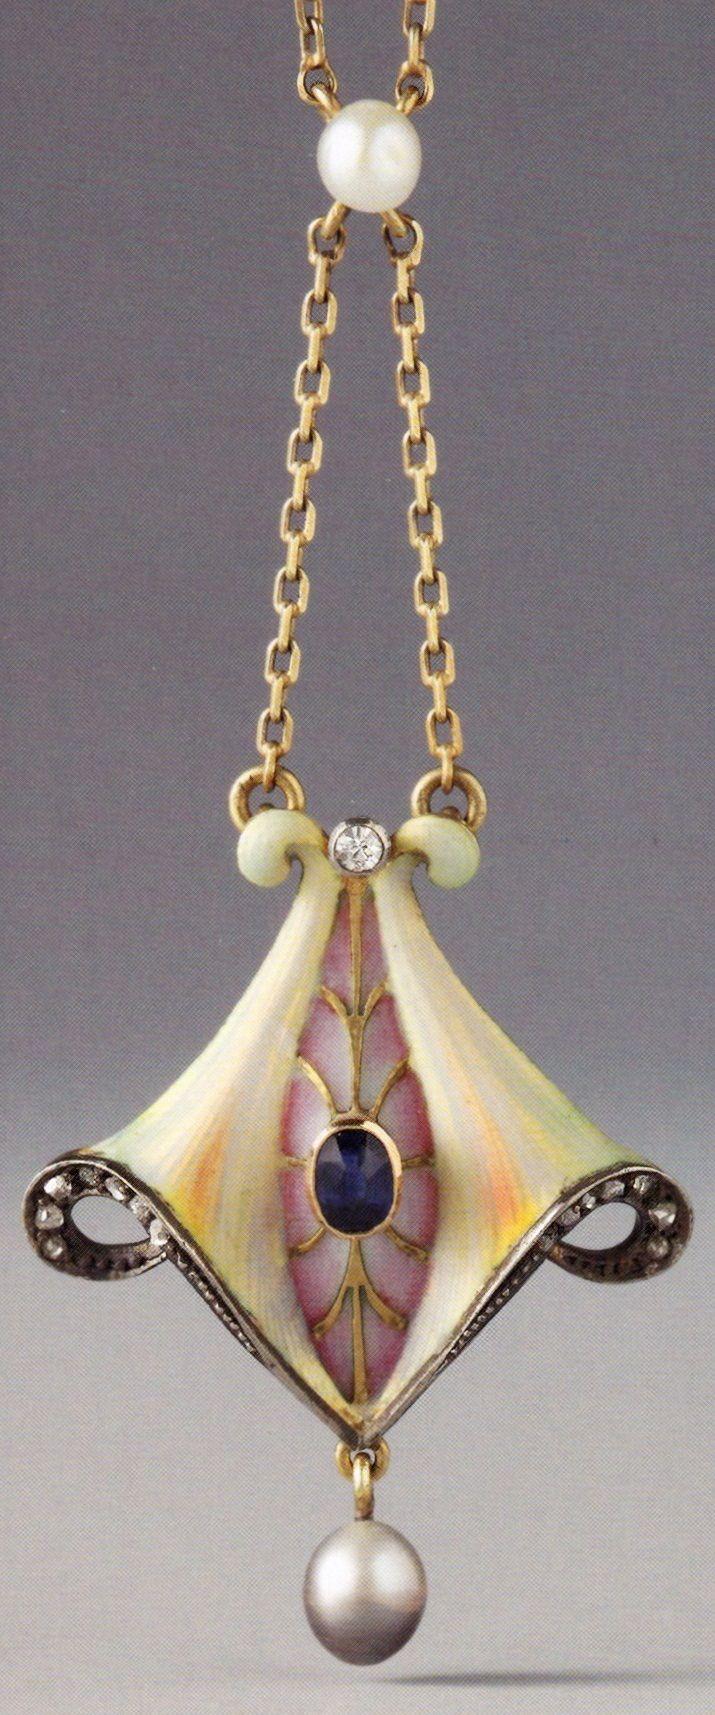 A Jugendstil / Art Nouveau pendant, German, 1903-1910. Composed of gold, silver or platinum, enamel, sapphire, diamonds and pearls. 3.4 x 2.5cm. Source: Wolfgang Glüber, Jugendstilschmuck